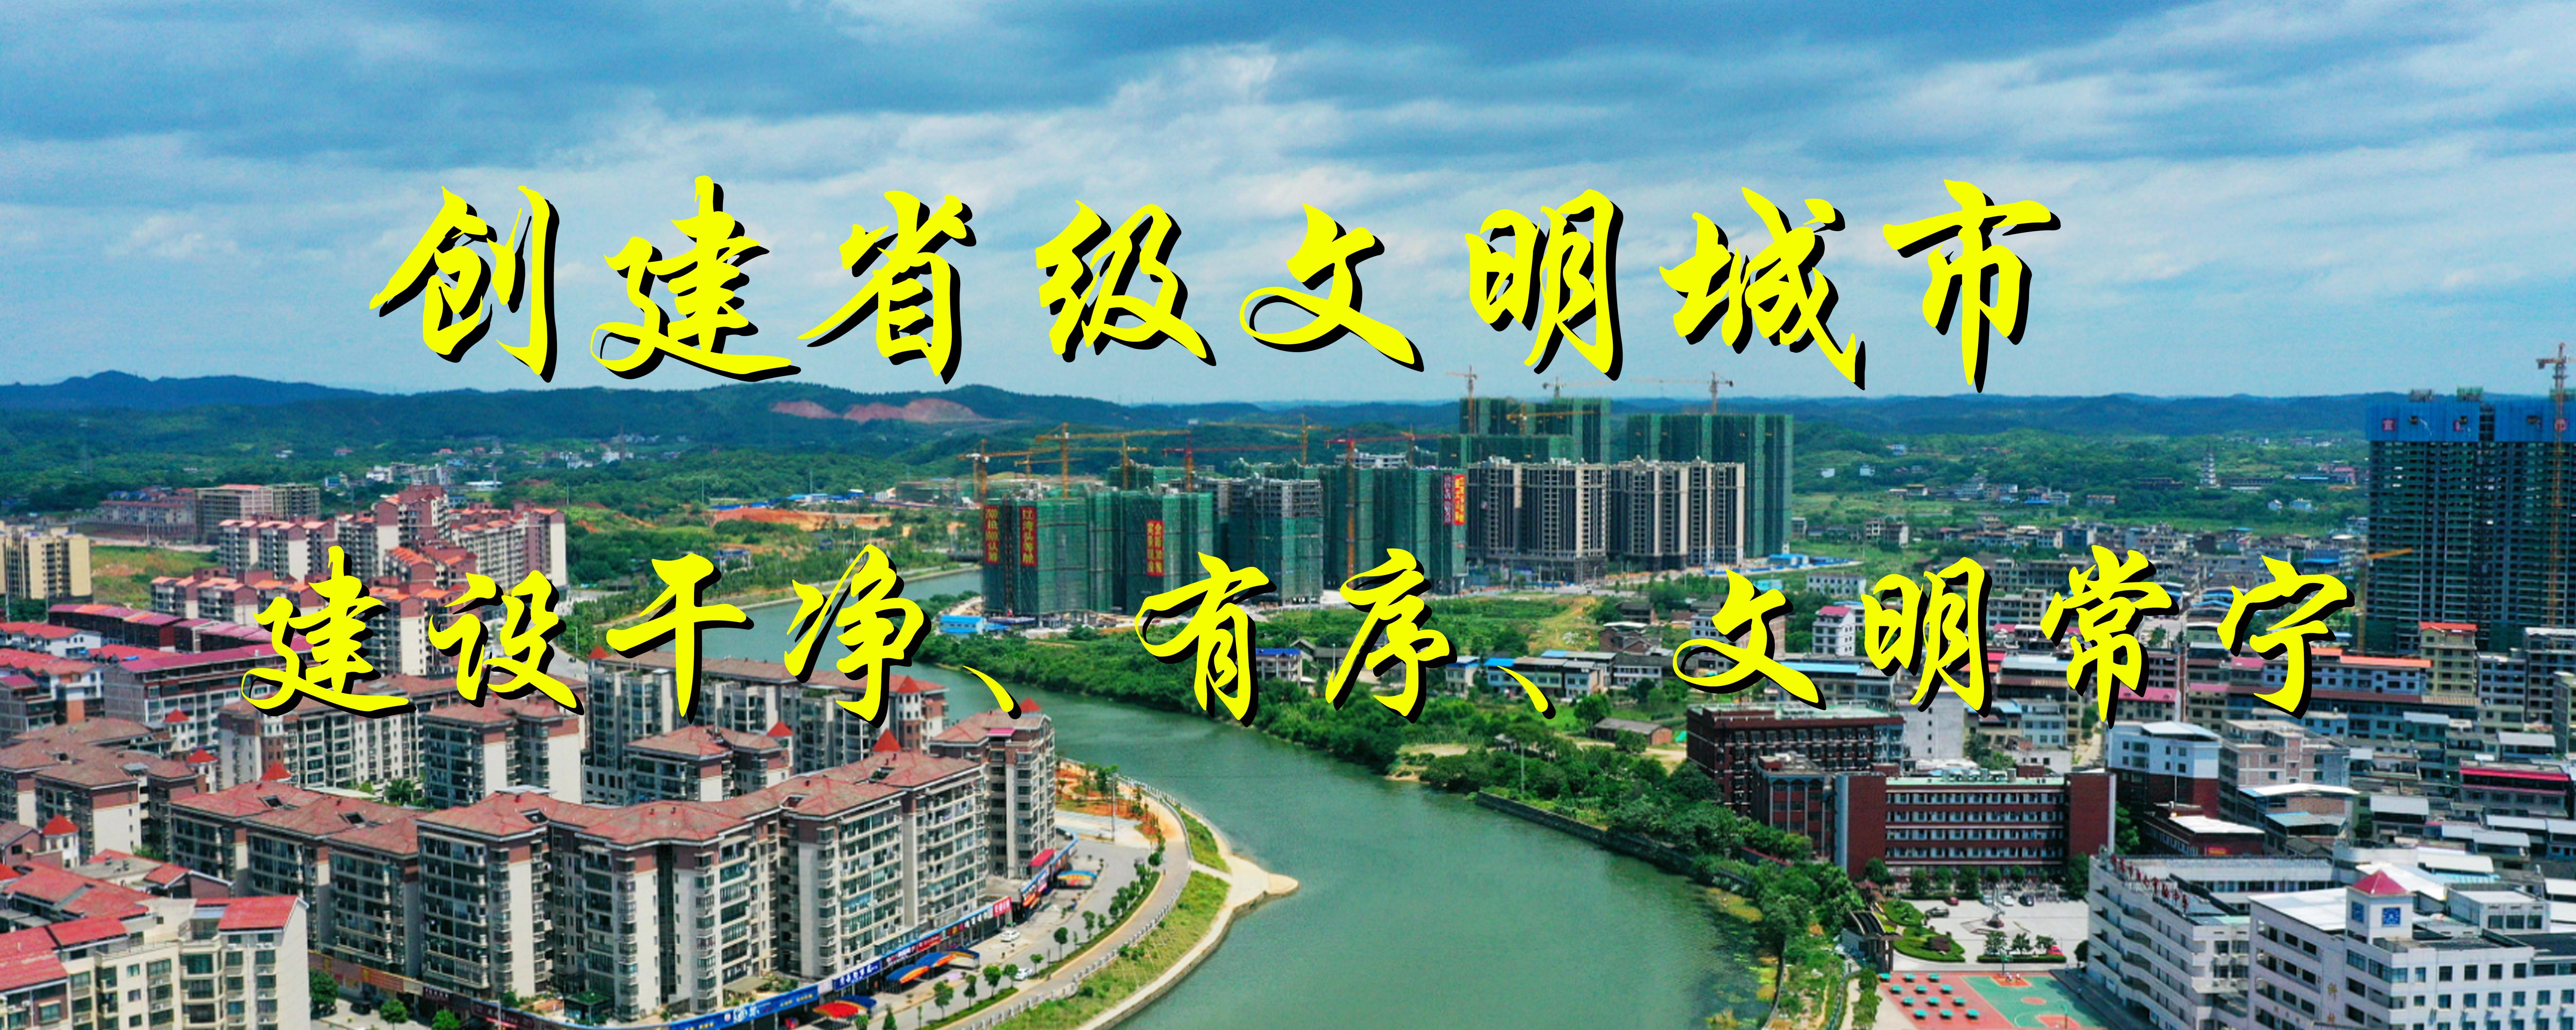 創建省級文明城市